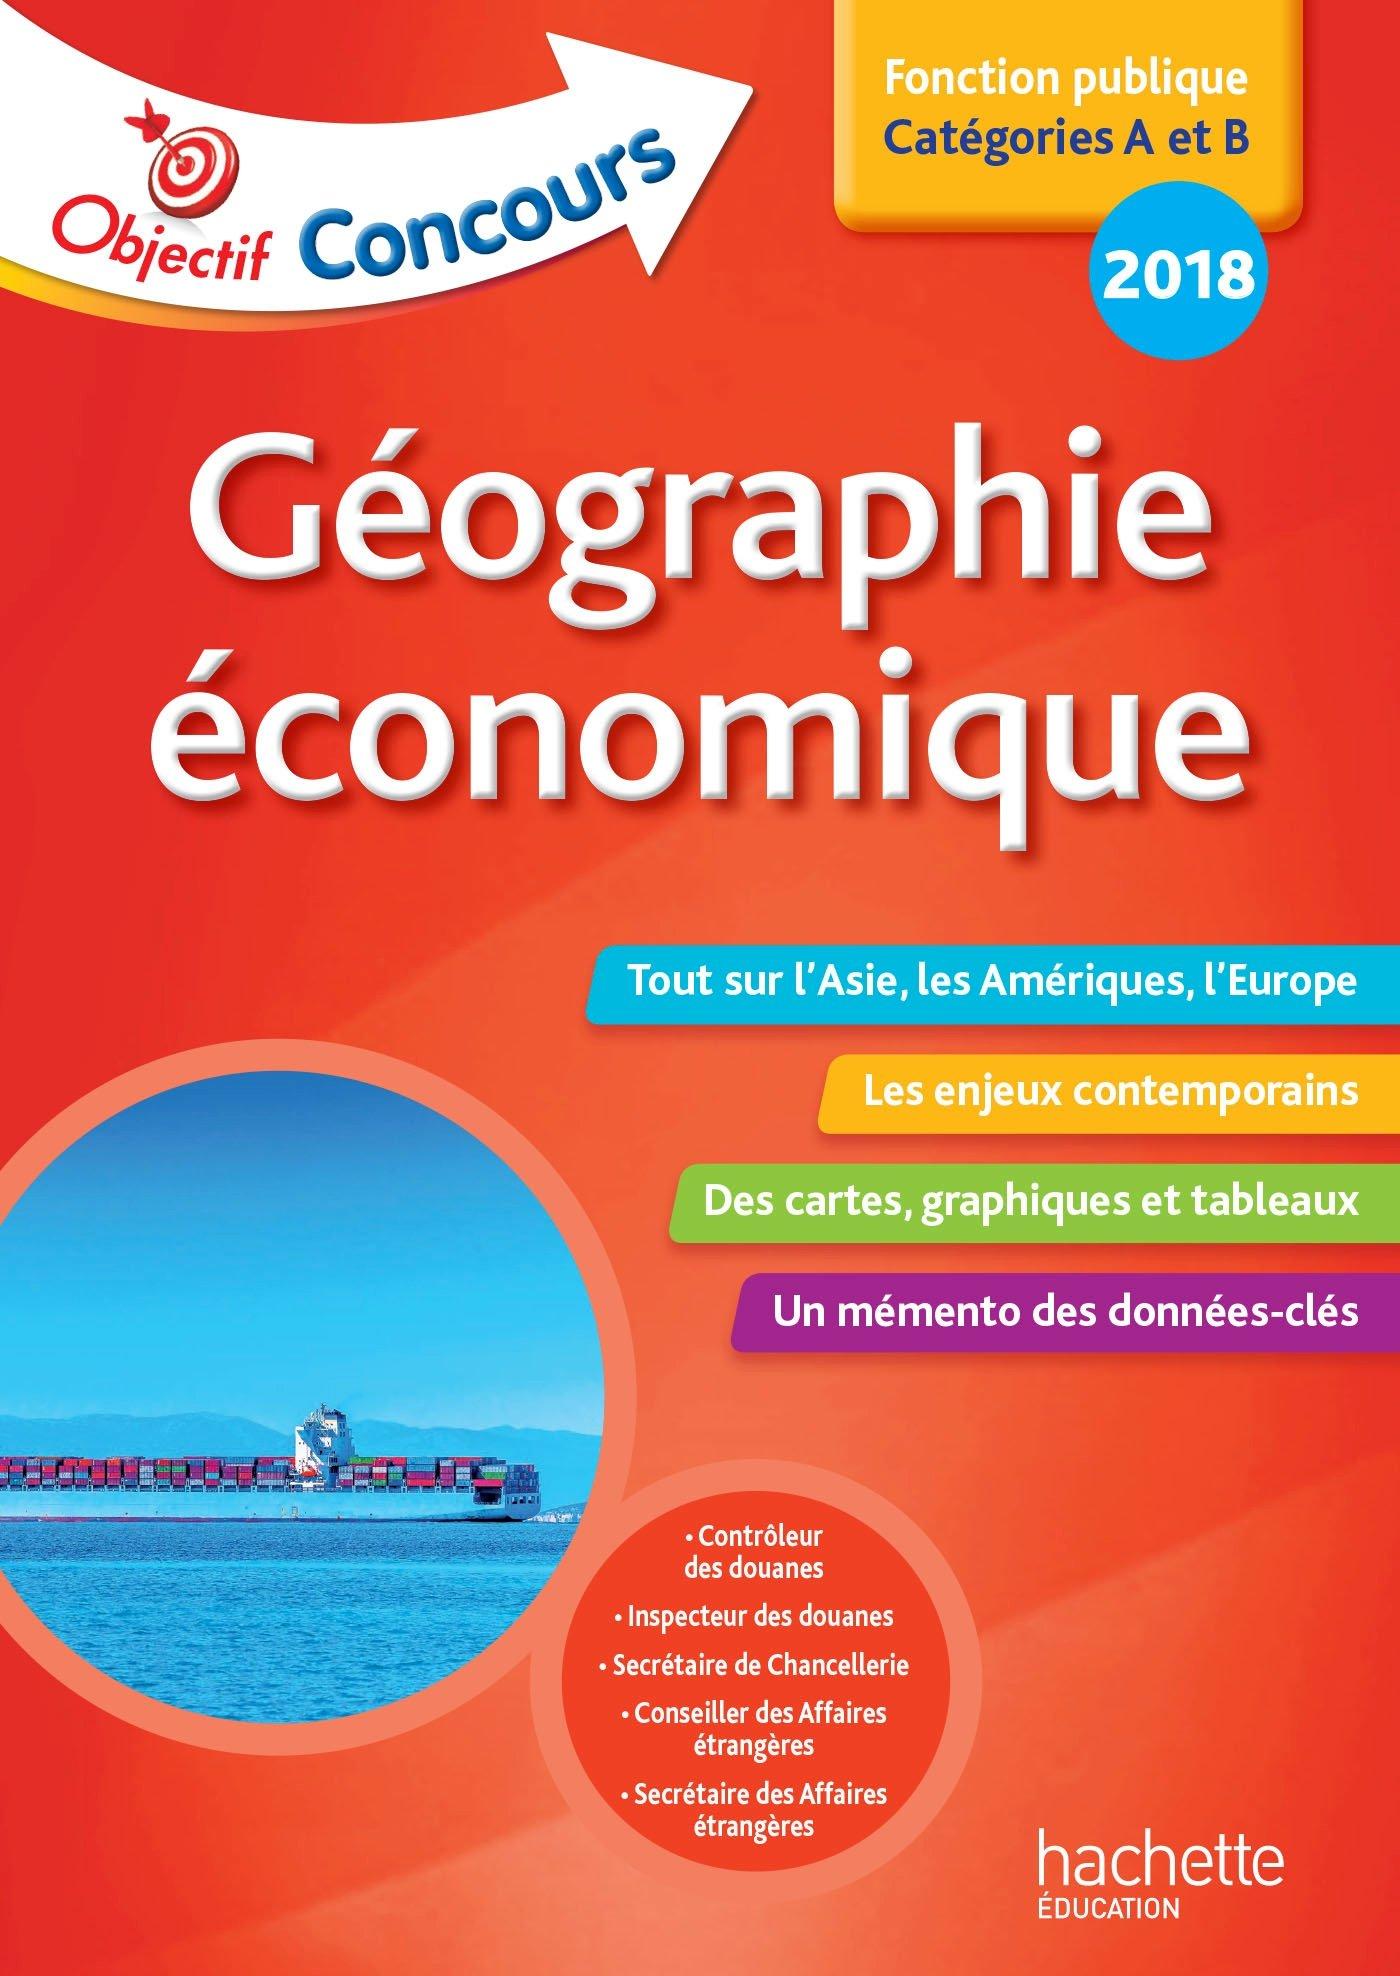 Carte De Lasie 2020.Amazon In Buy Objectif Concours Geographie Economique Cat A